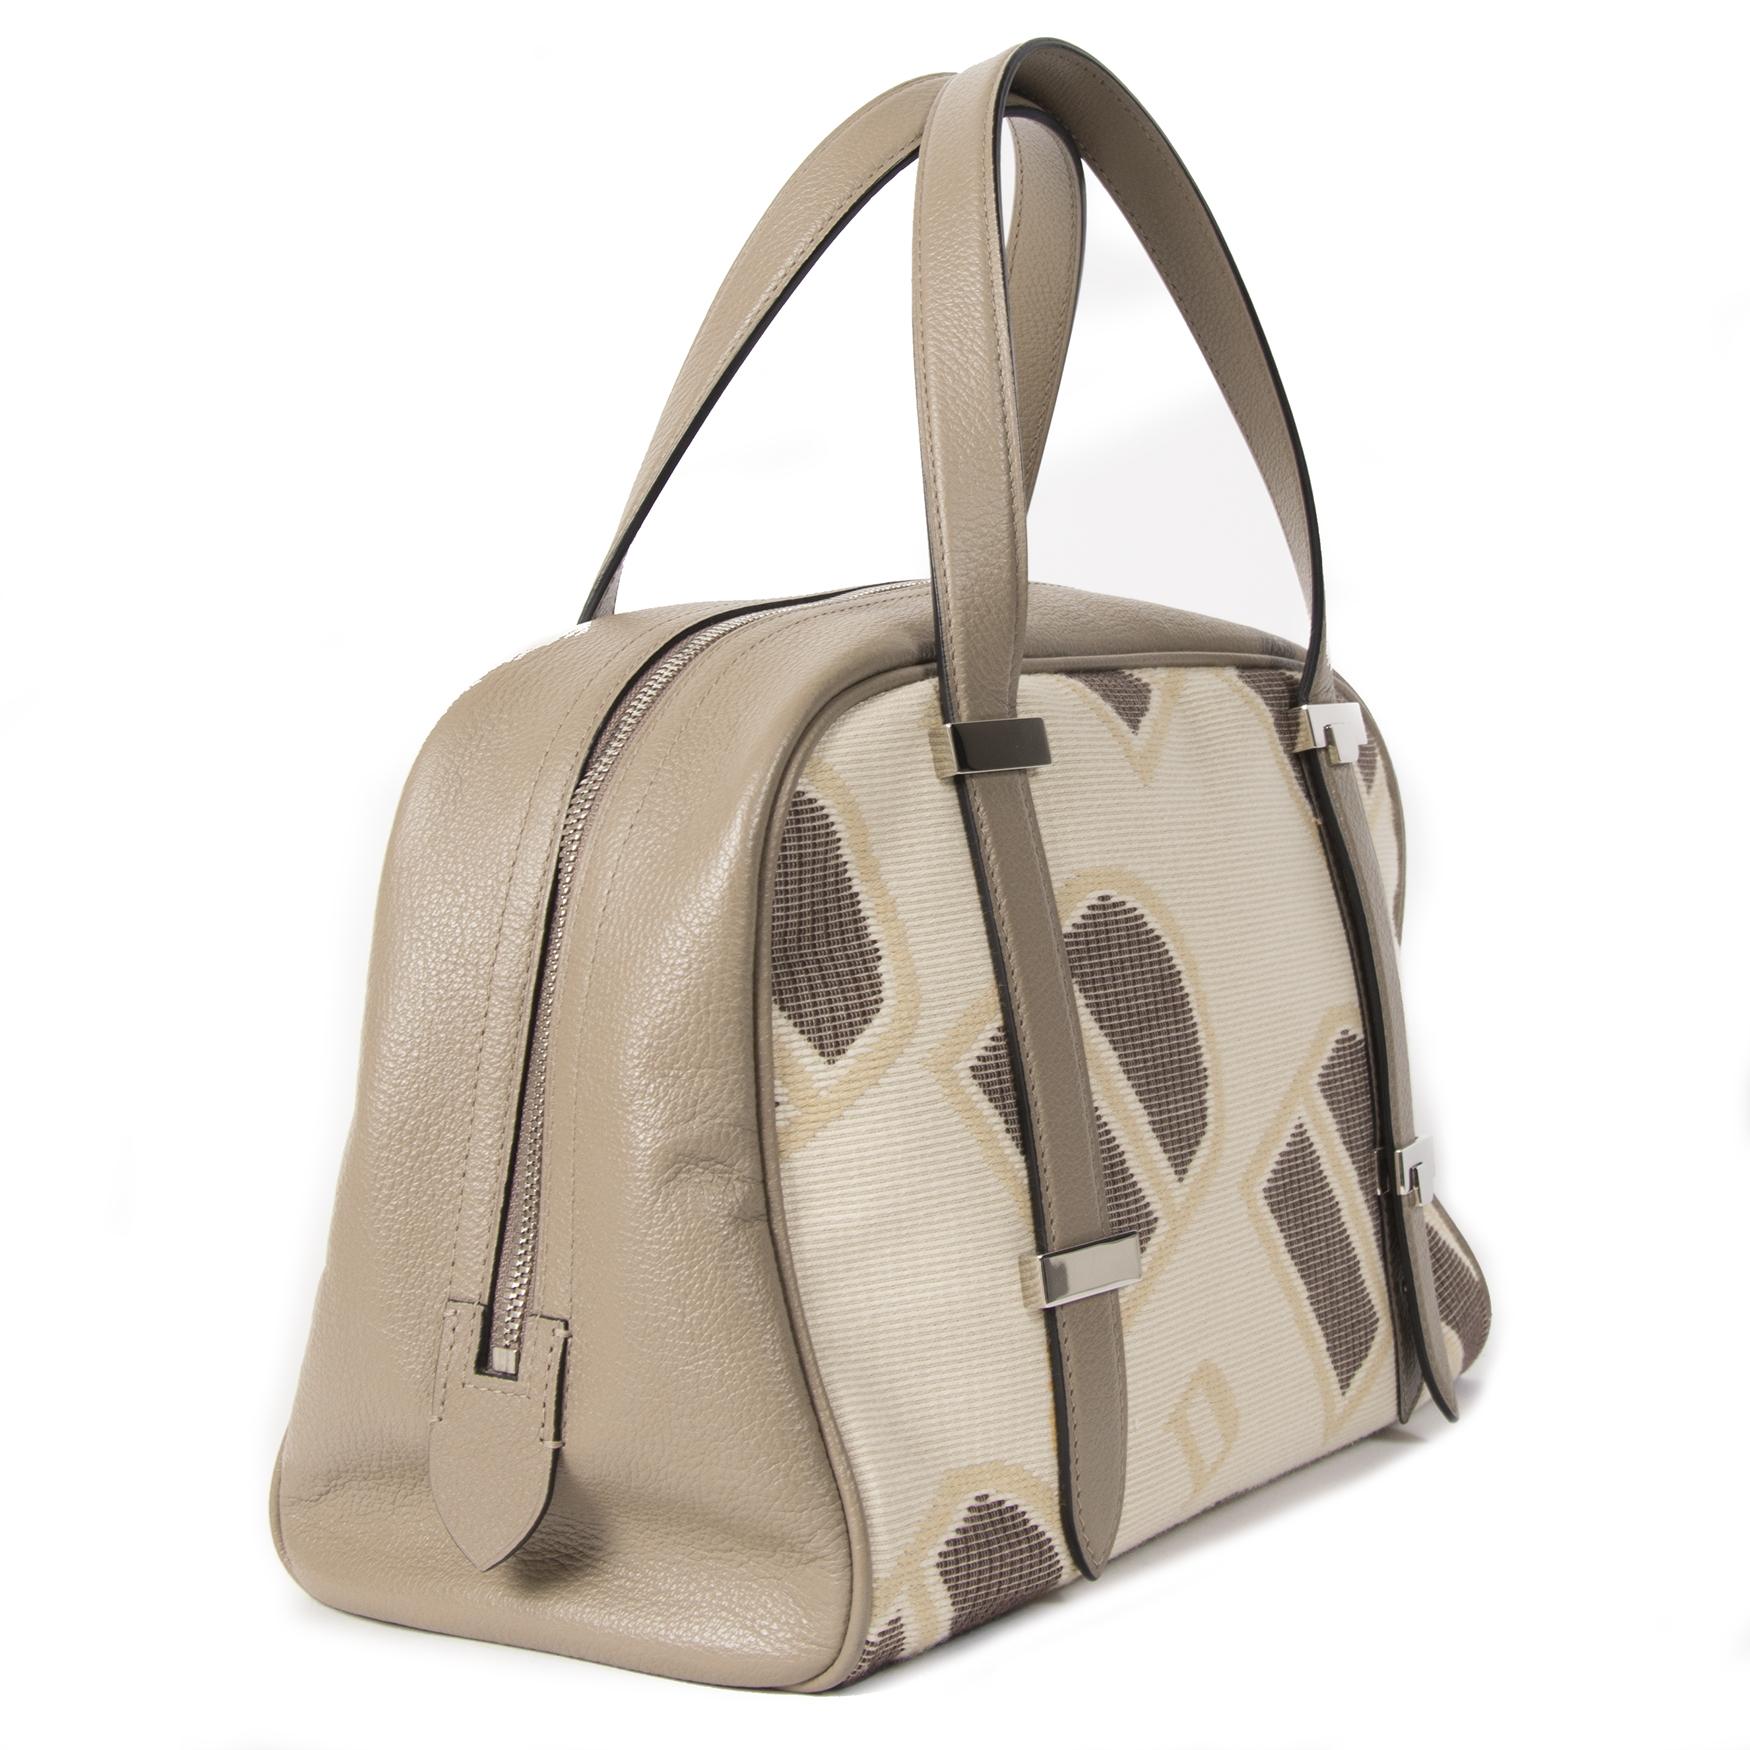 Authentieke tweedehands Delvaux Printed Bowling Bag juiste prijs veilig online winkelen LabelLOV webshop luxe merken winkelen Antwerpen België mode fashion